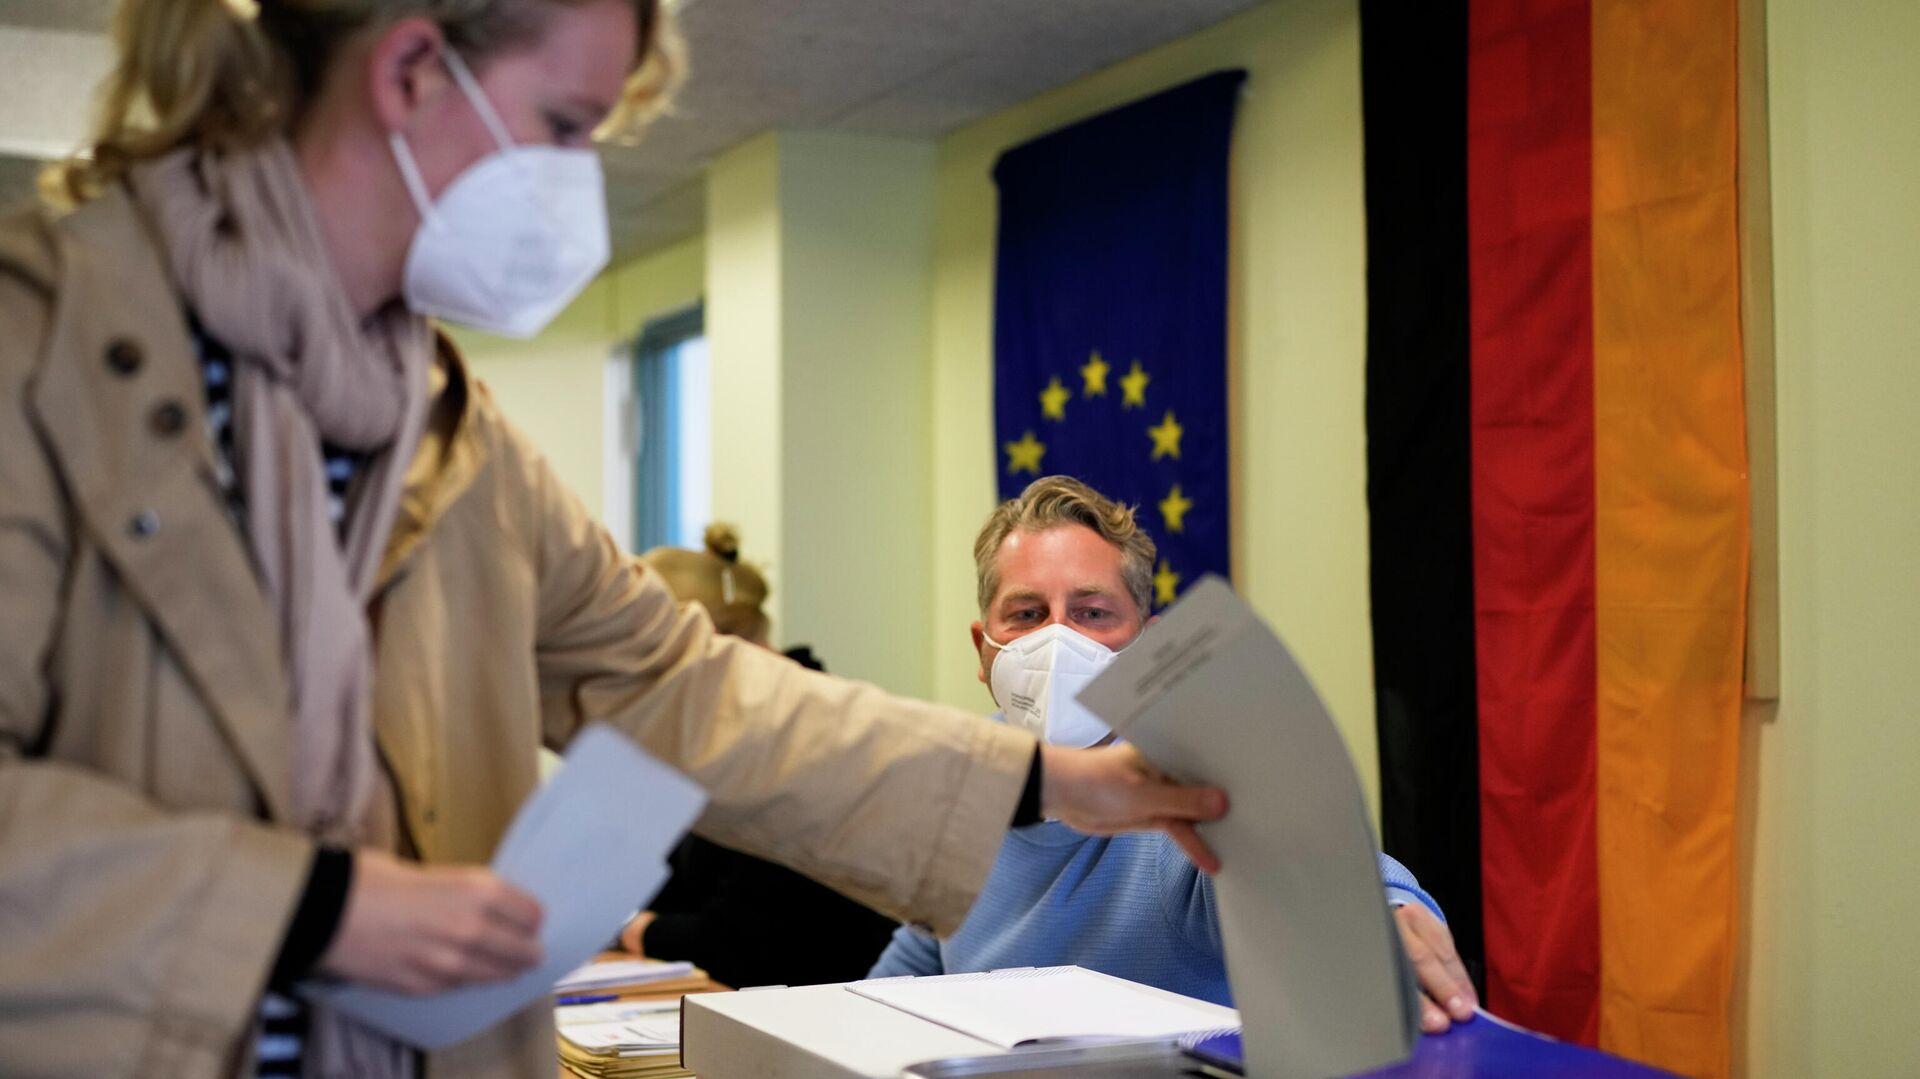 Женщина голосует на избирательном участке в Берлине, Германия - РИА Новости, 1920, 27.09.2021